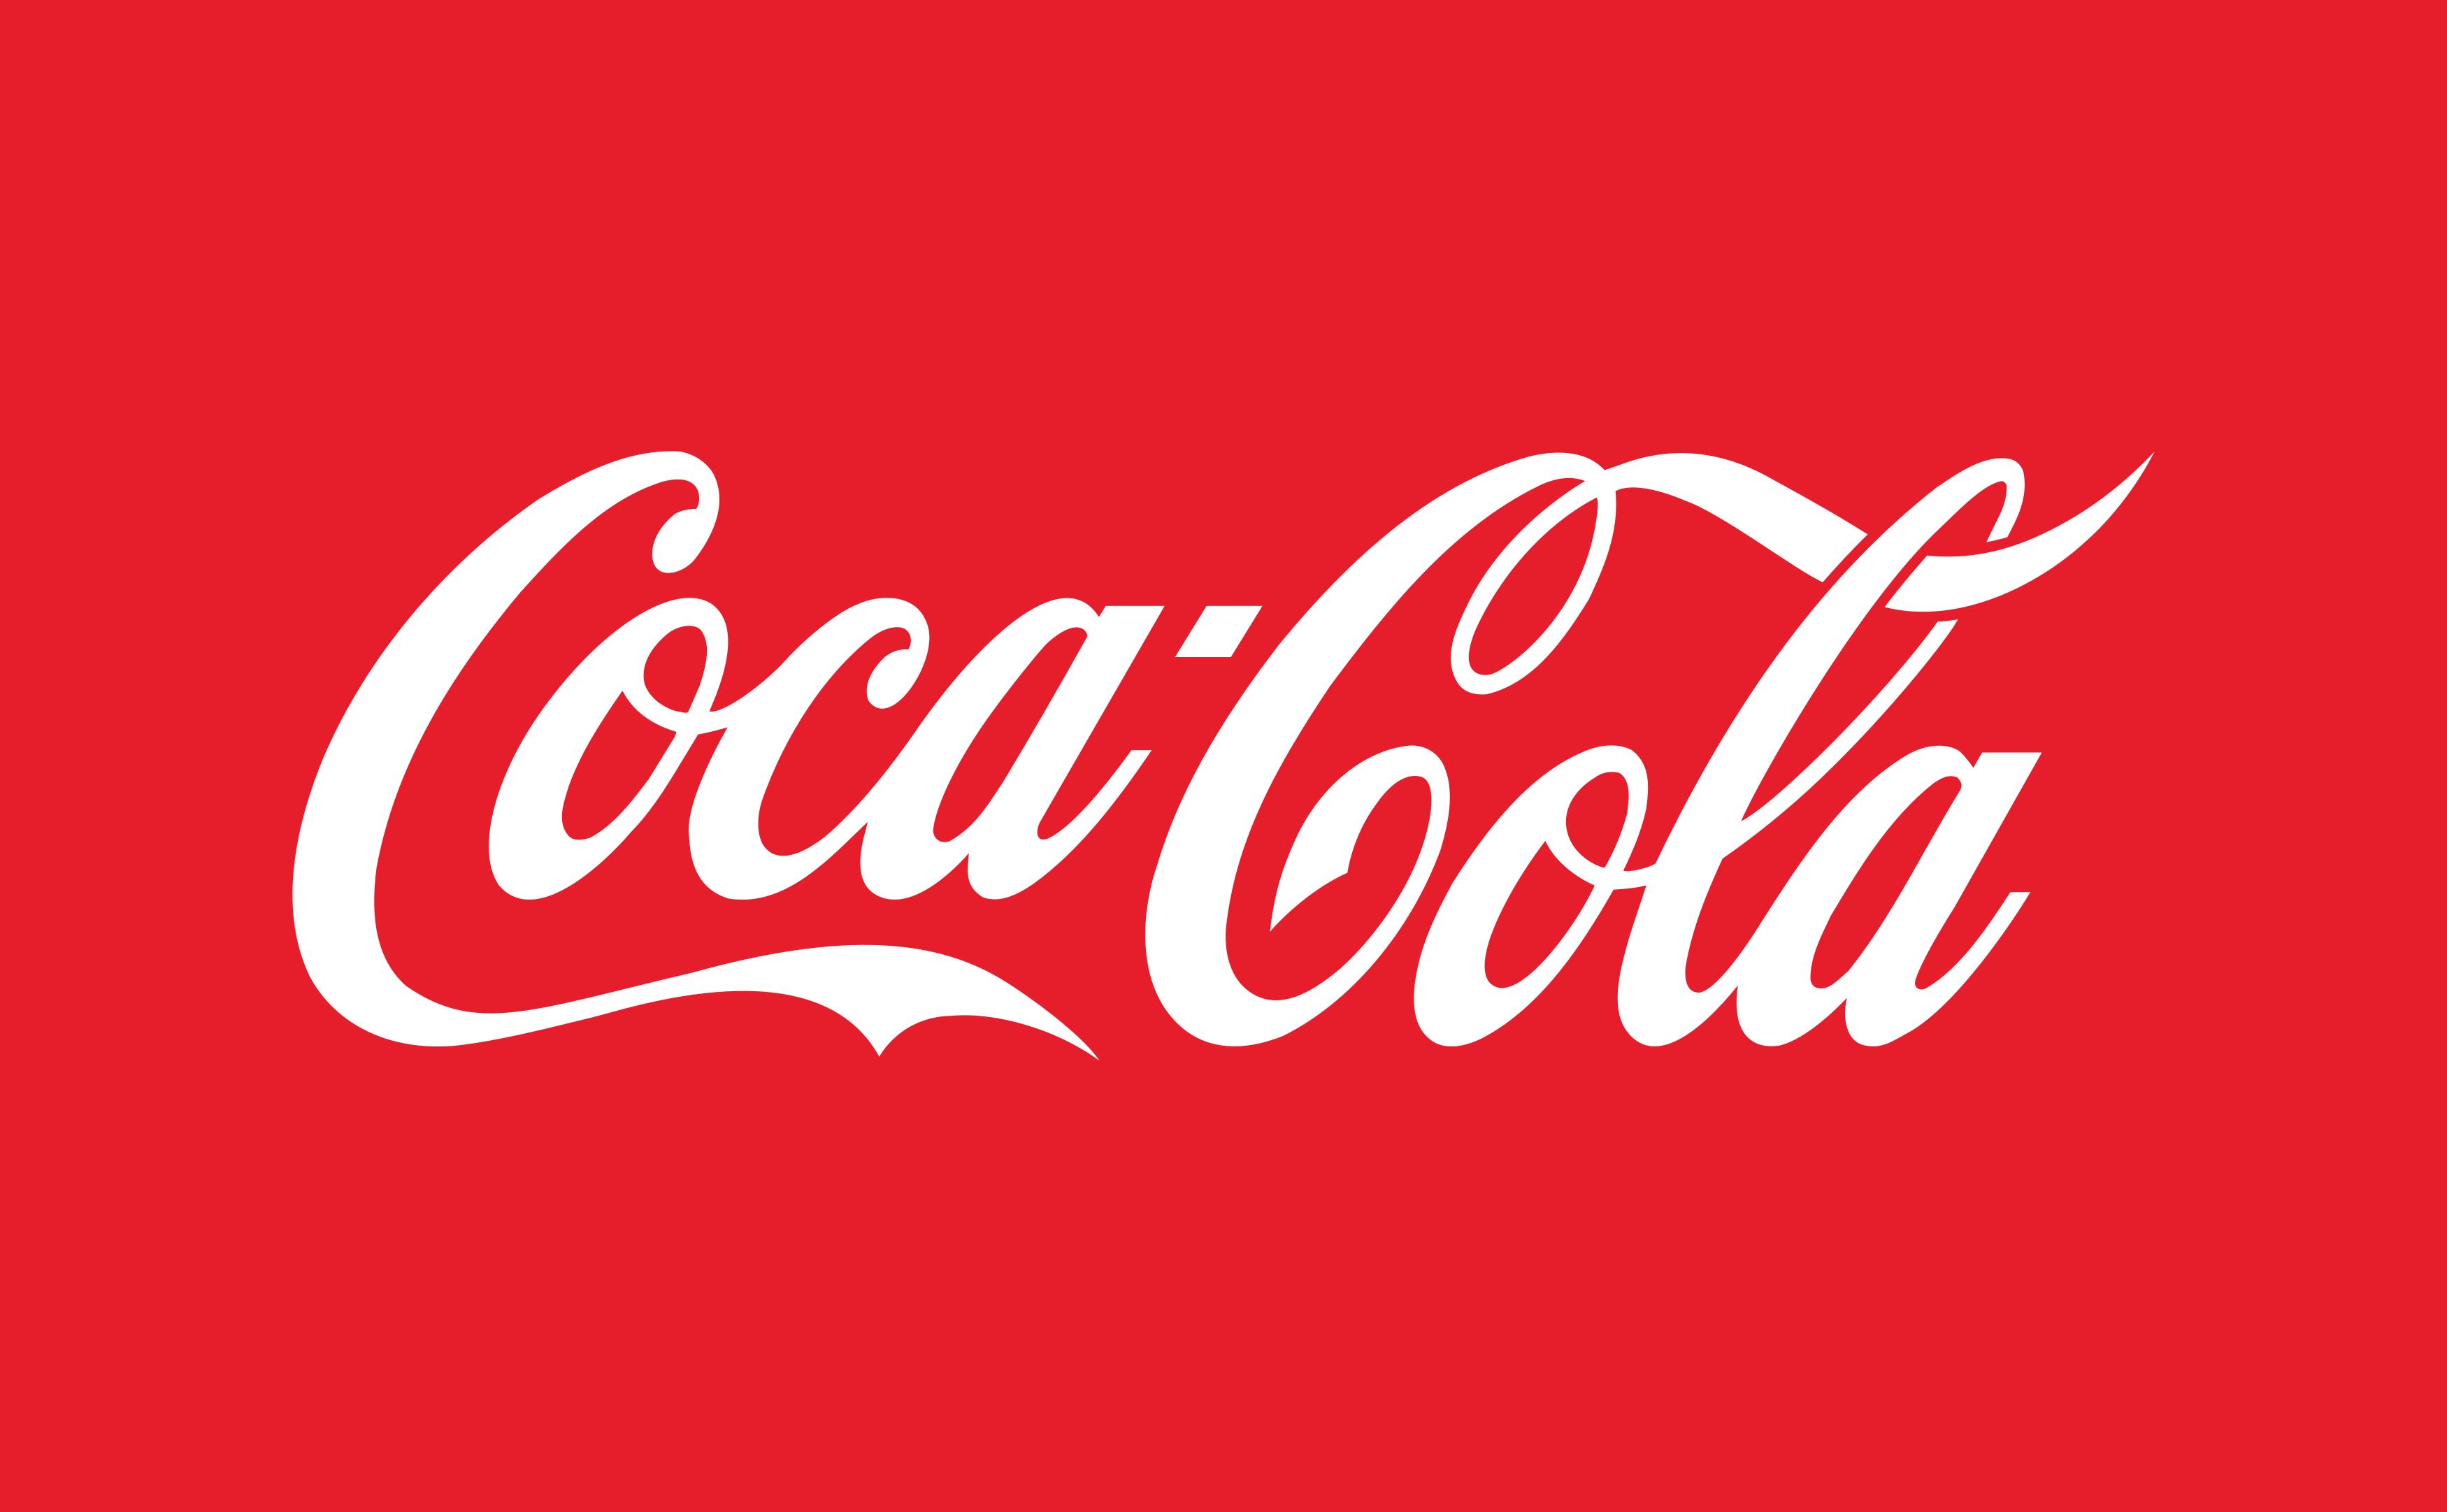 coca cola logo 3 - Coca-Cola Logo